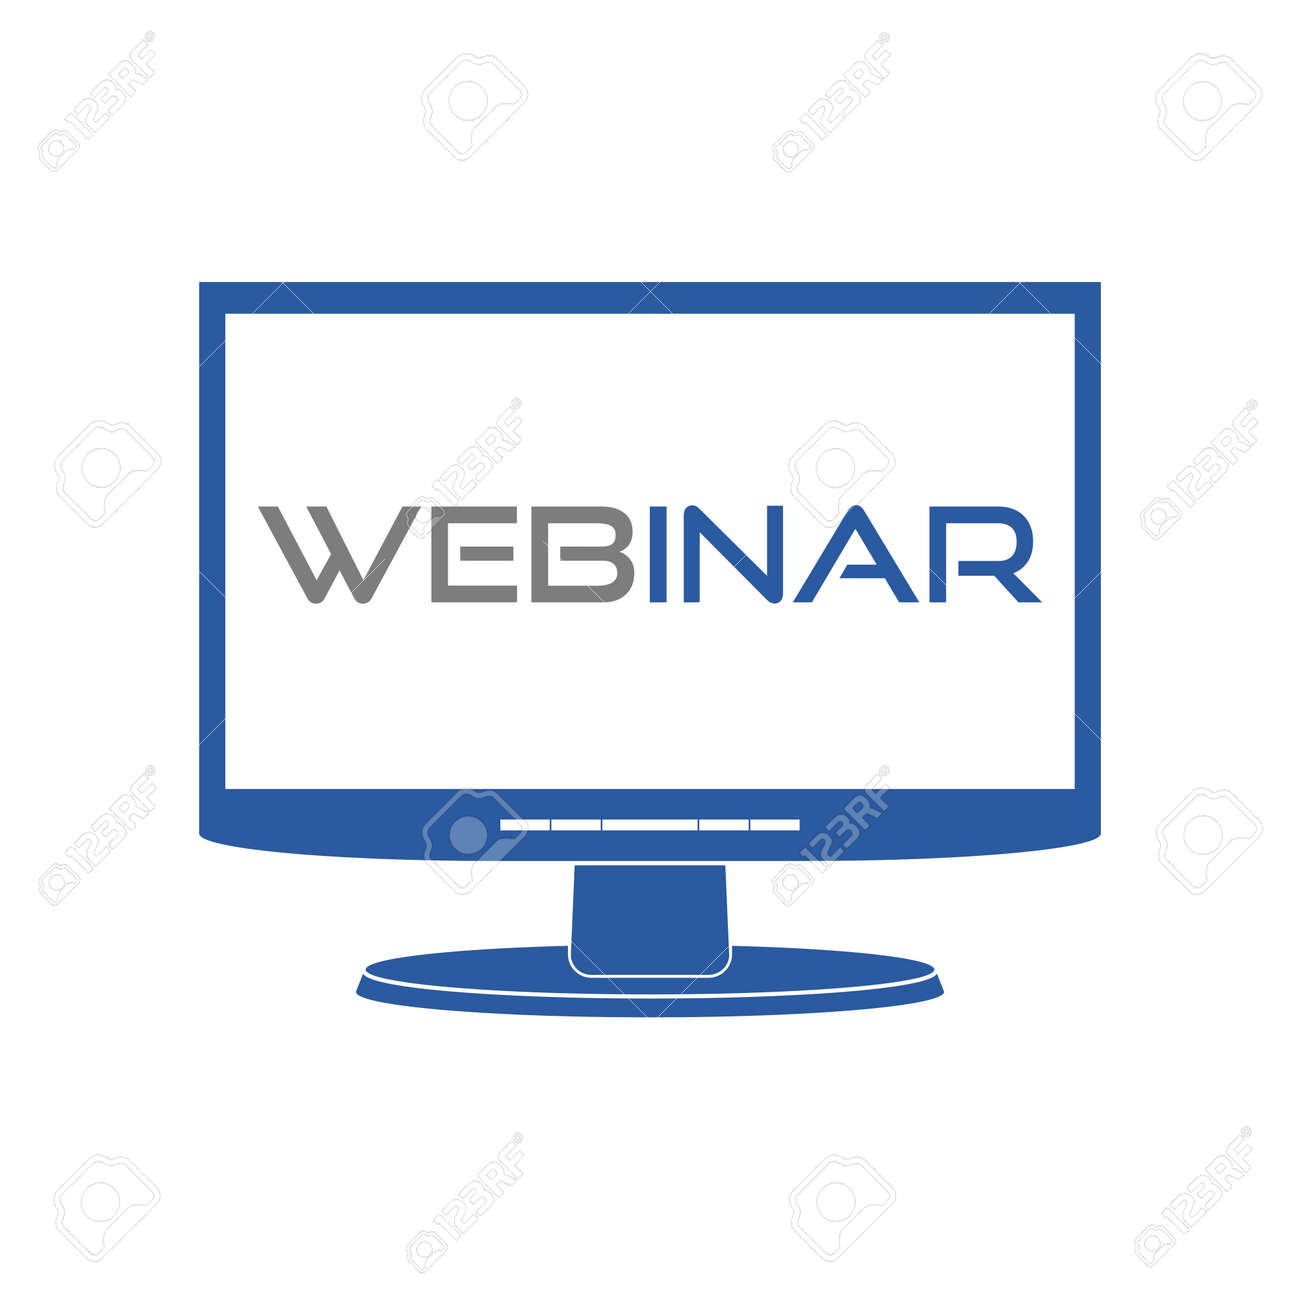 Webinar icon monitor icon - 154692415